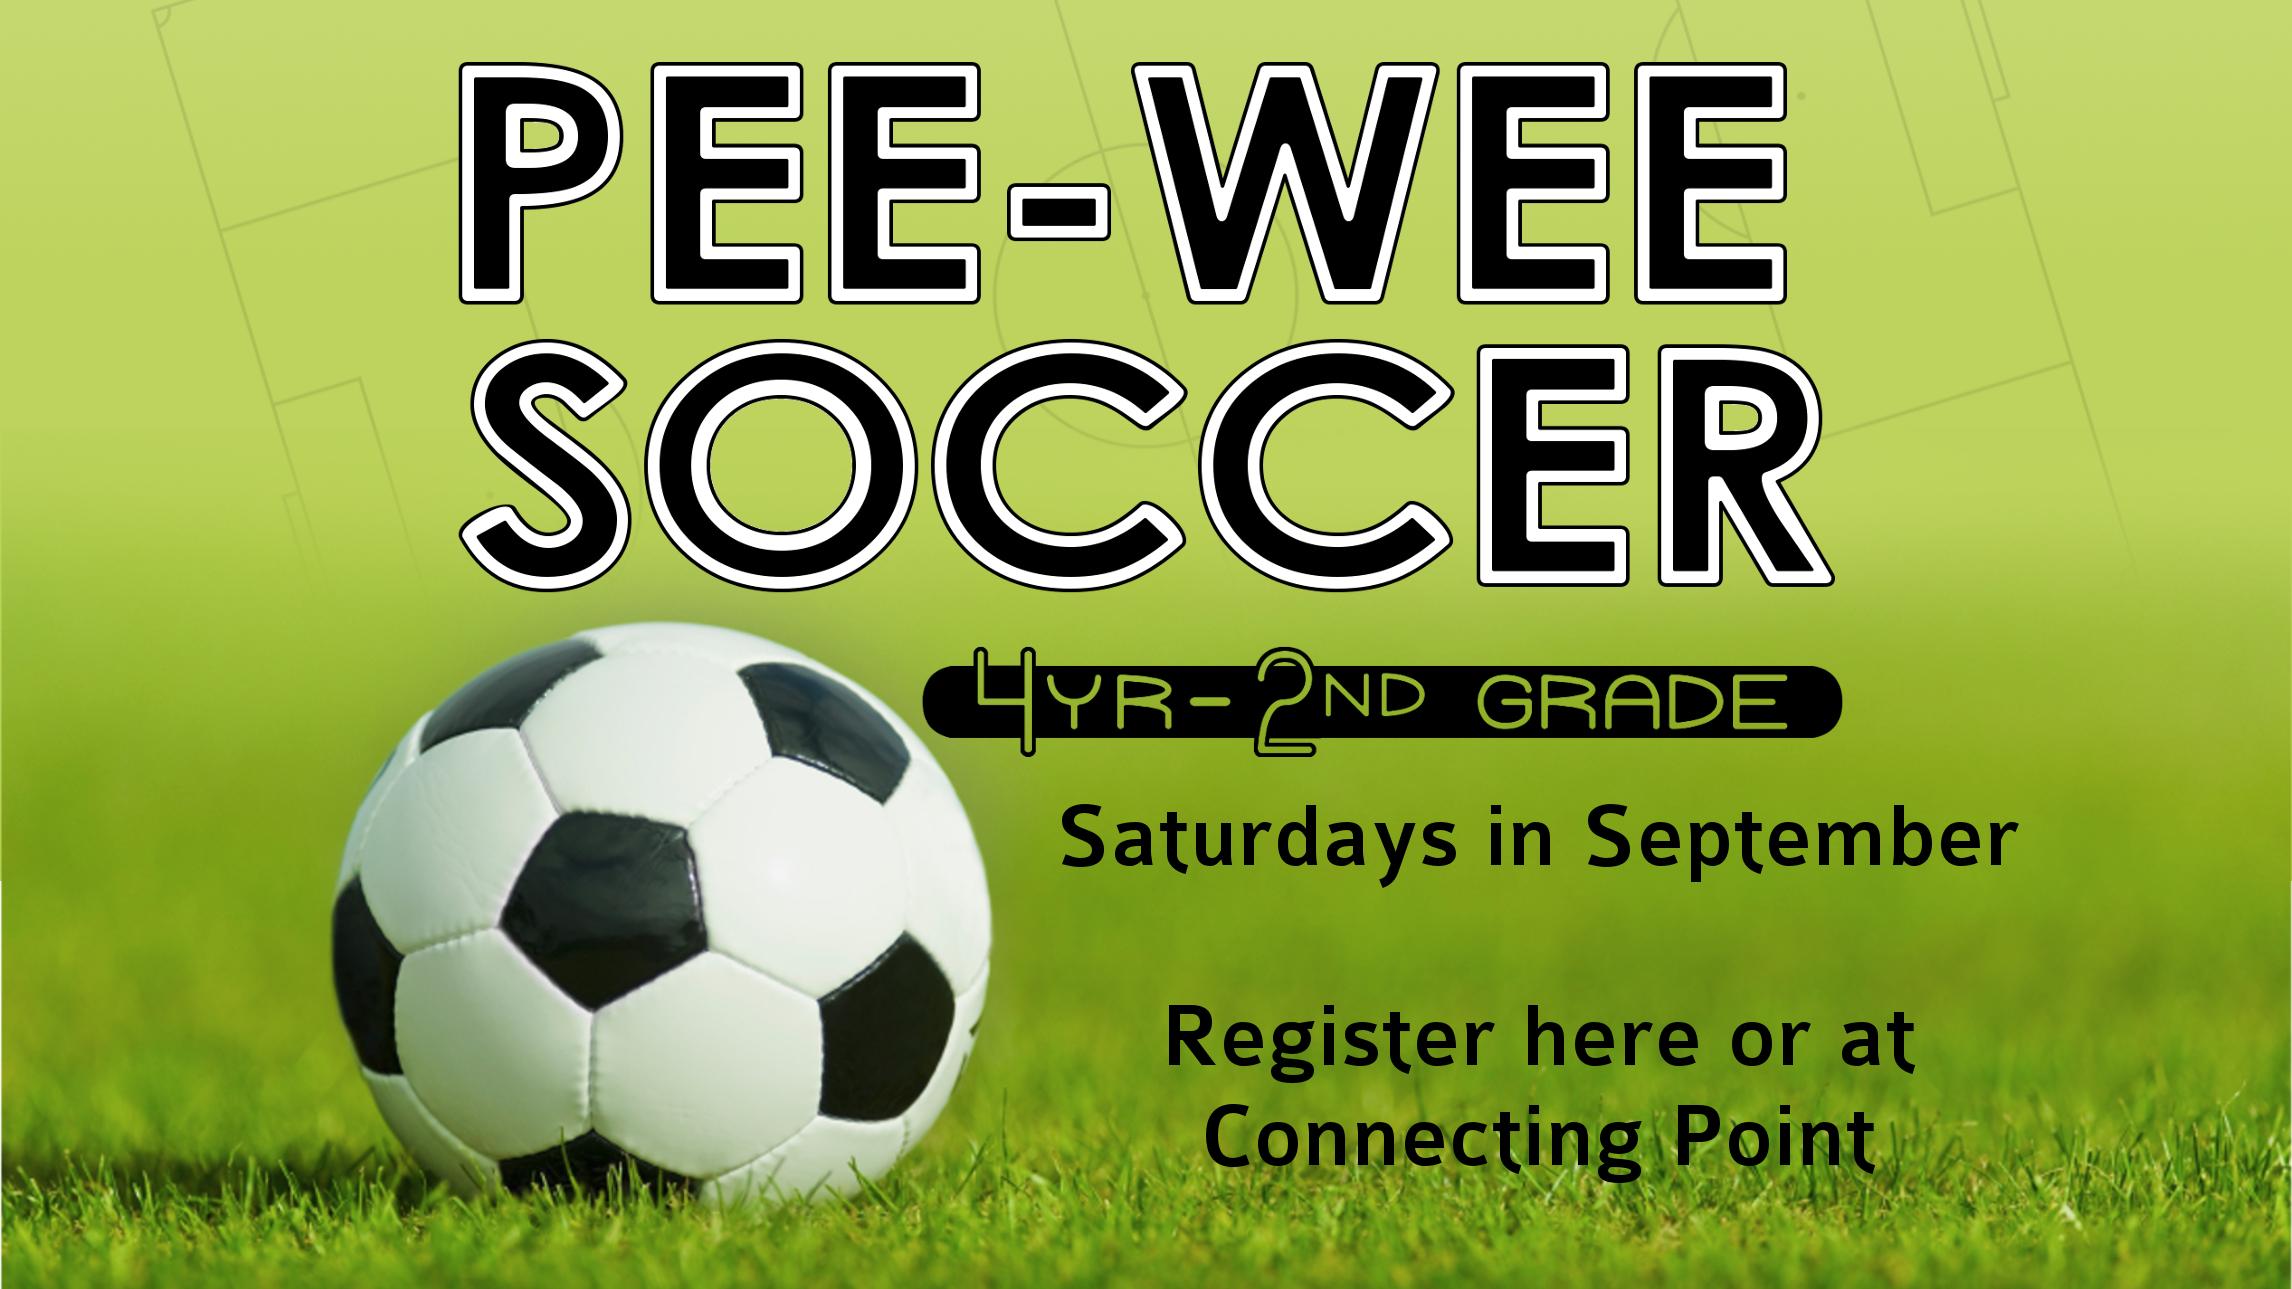 Pee-Wee Soccer